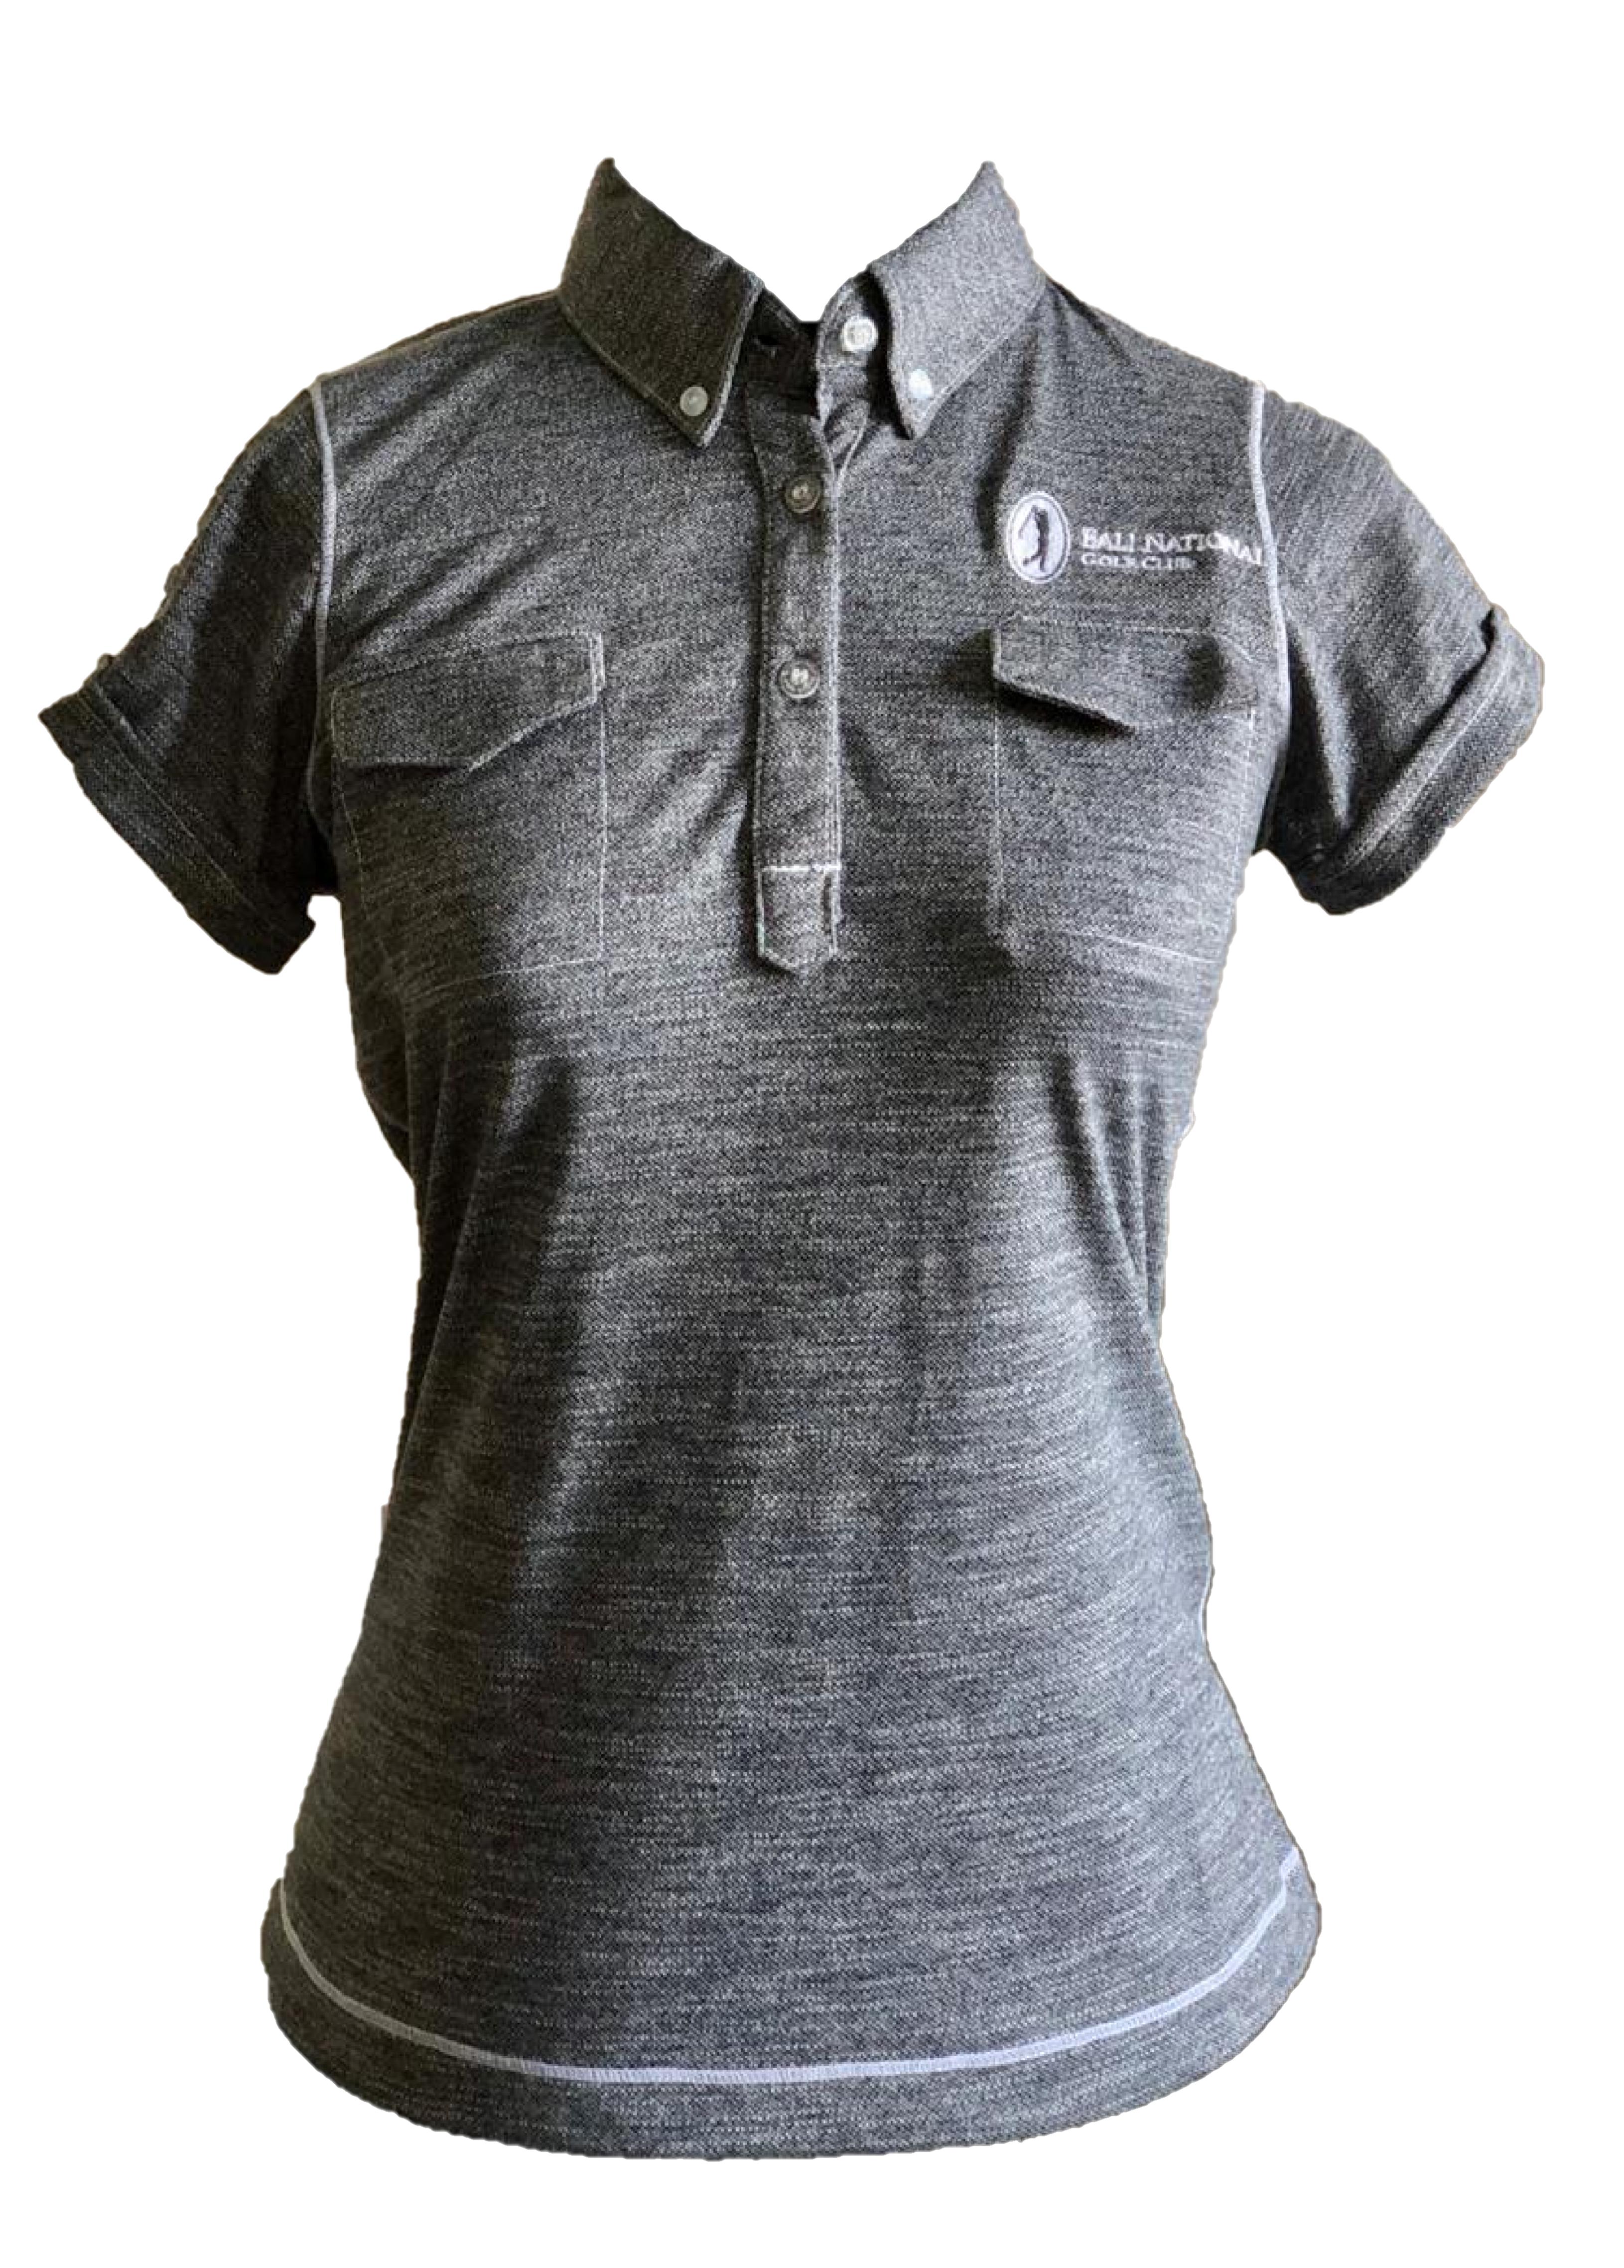 LT-063G // Ladies Top Dark Grey  Linen Texture 2 Pocket  Button Collar